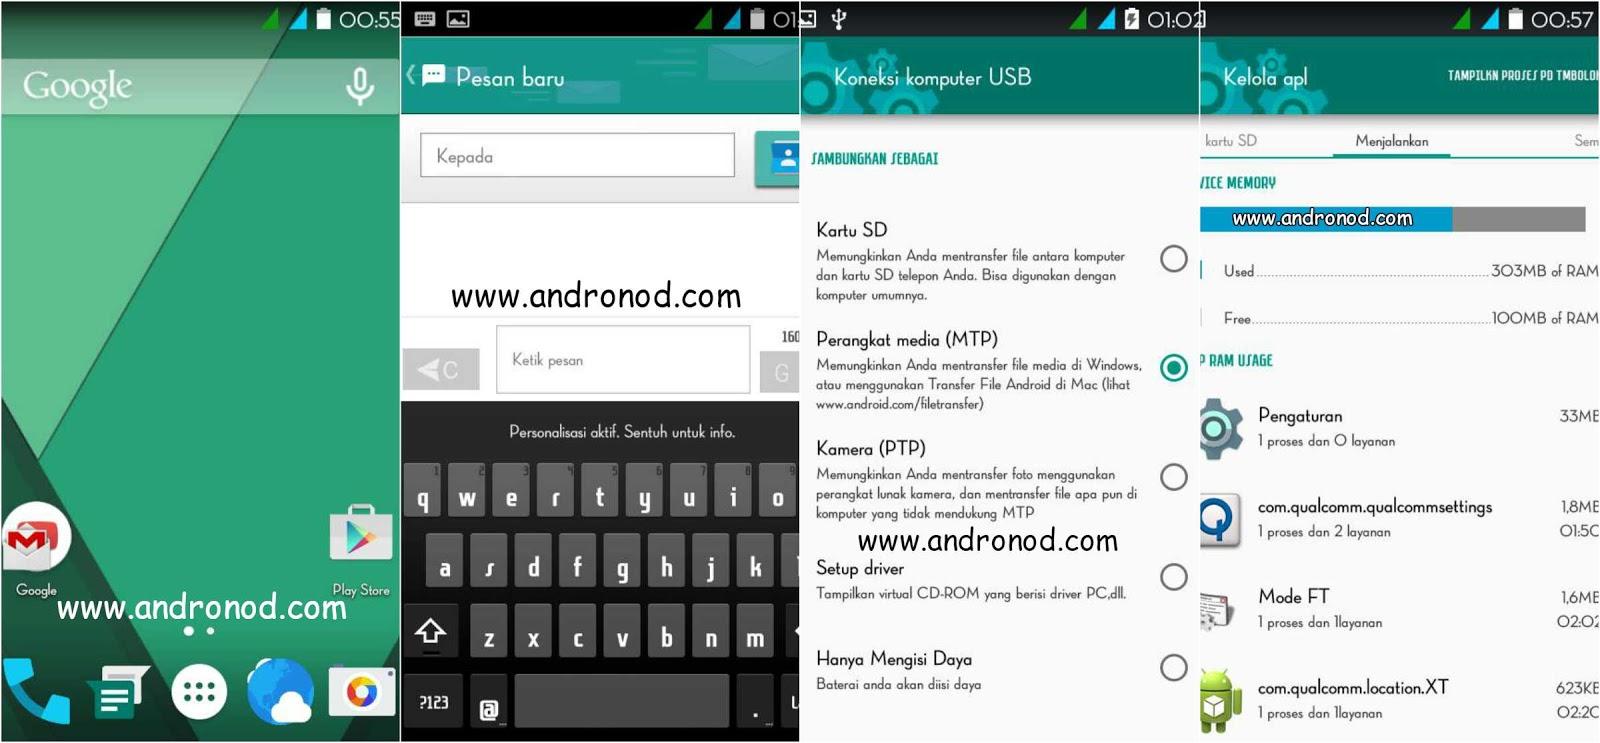 Как сделать reboot на Android - Мобильные операционные системы 44